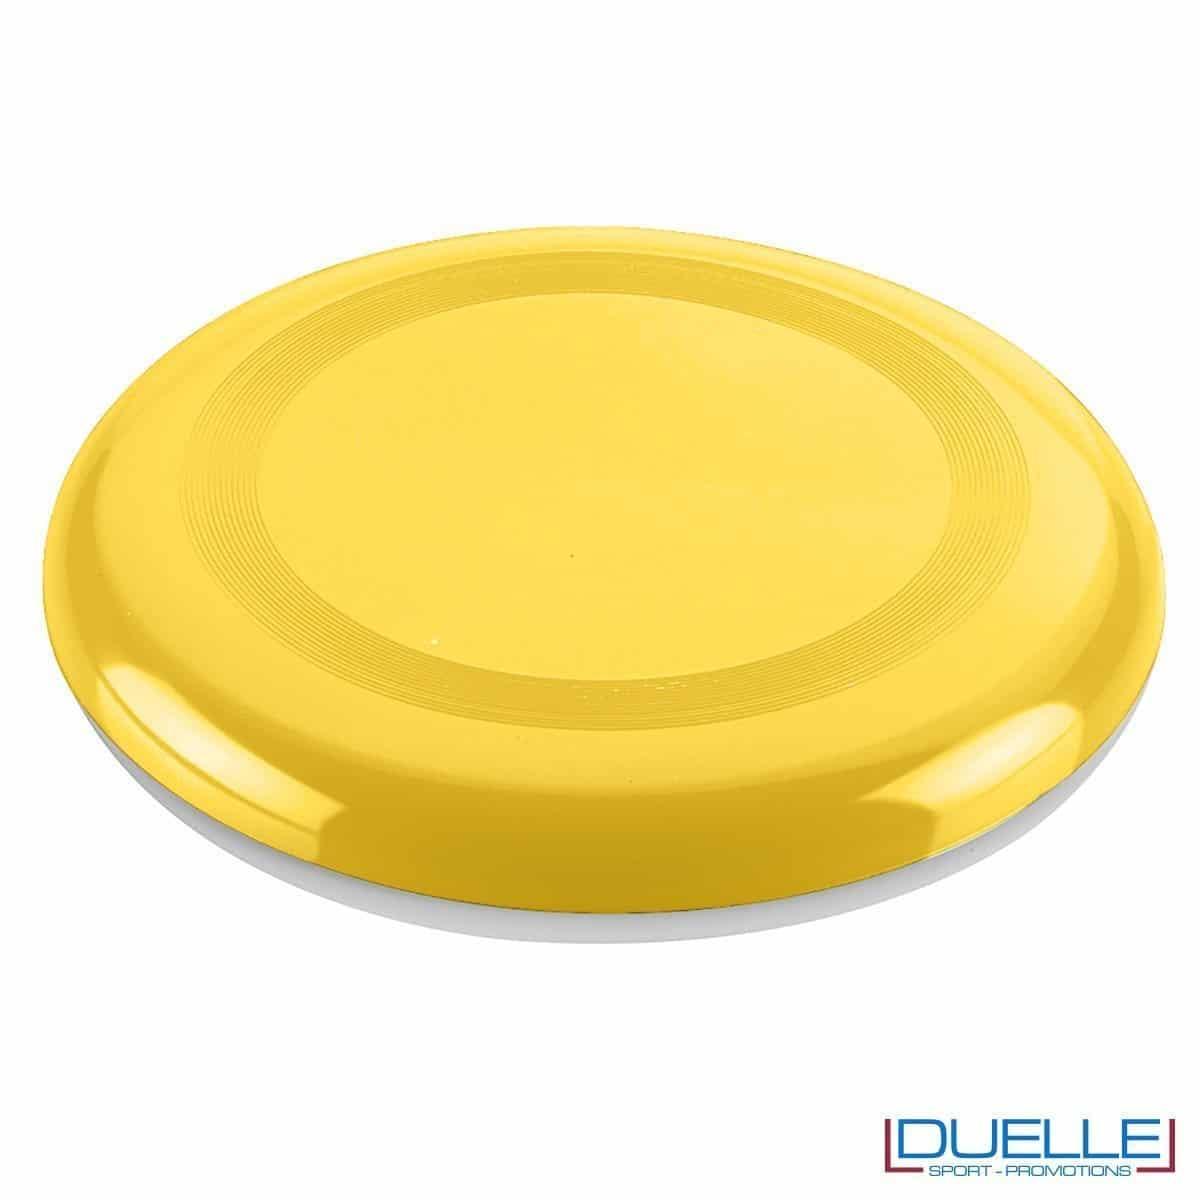 Frisbee personalizzato giallo, gadget mare promozionali, gadget spiaggia personalizzati